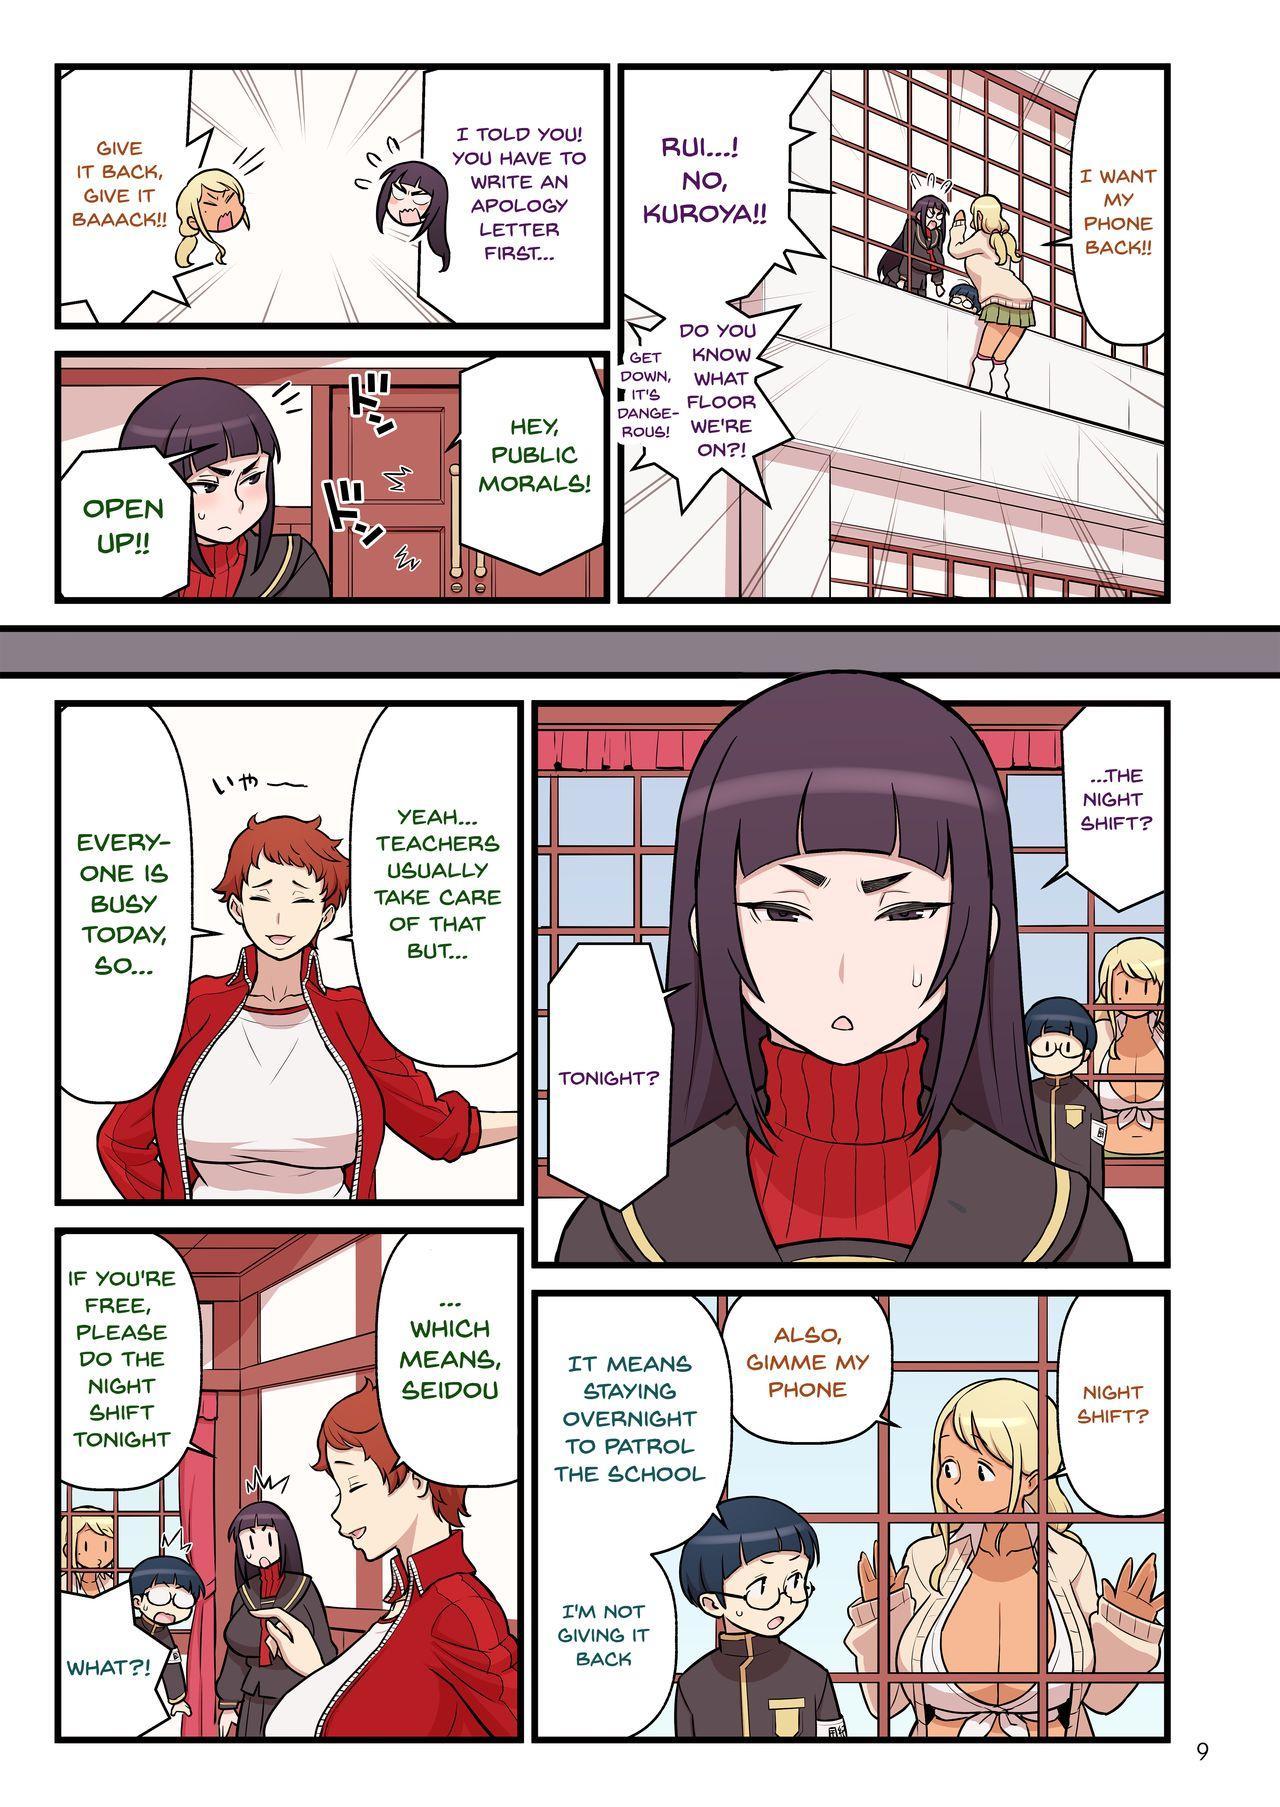 Kuro Gal VS Fuuki Iin - Black Gal VS Prefect 9